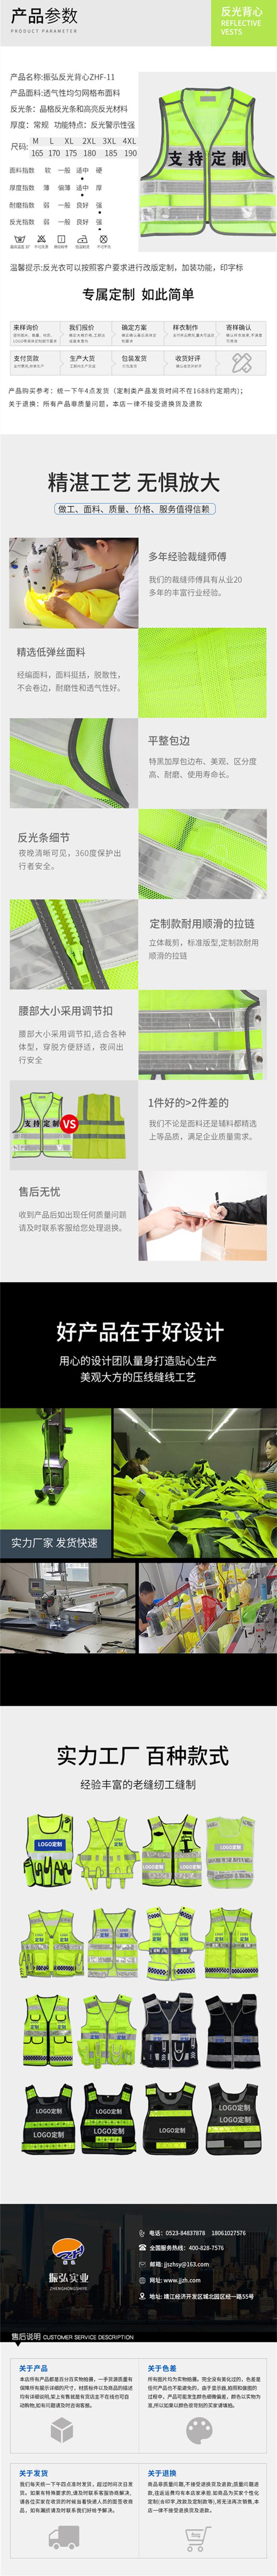 反光背心ZHF-11 详情页_副本